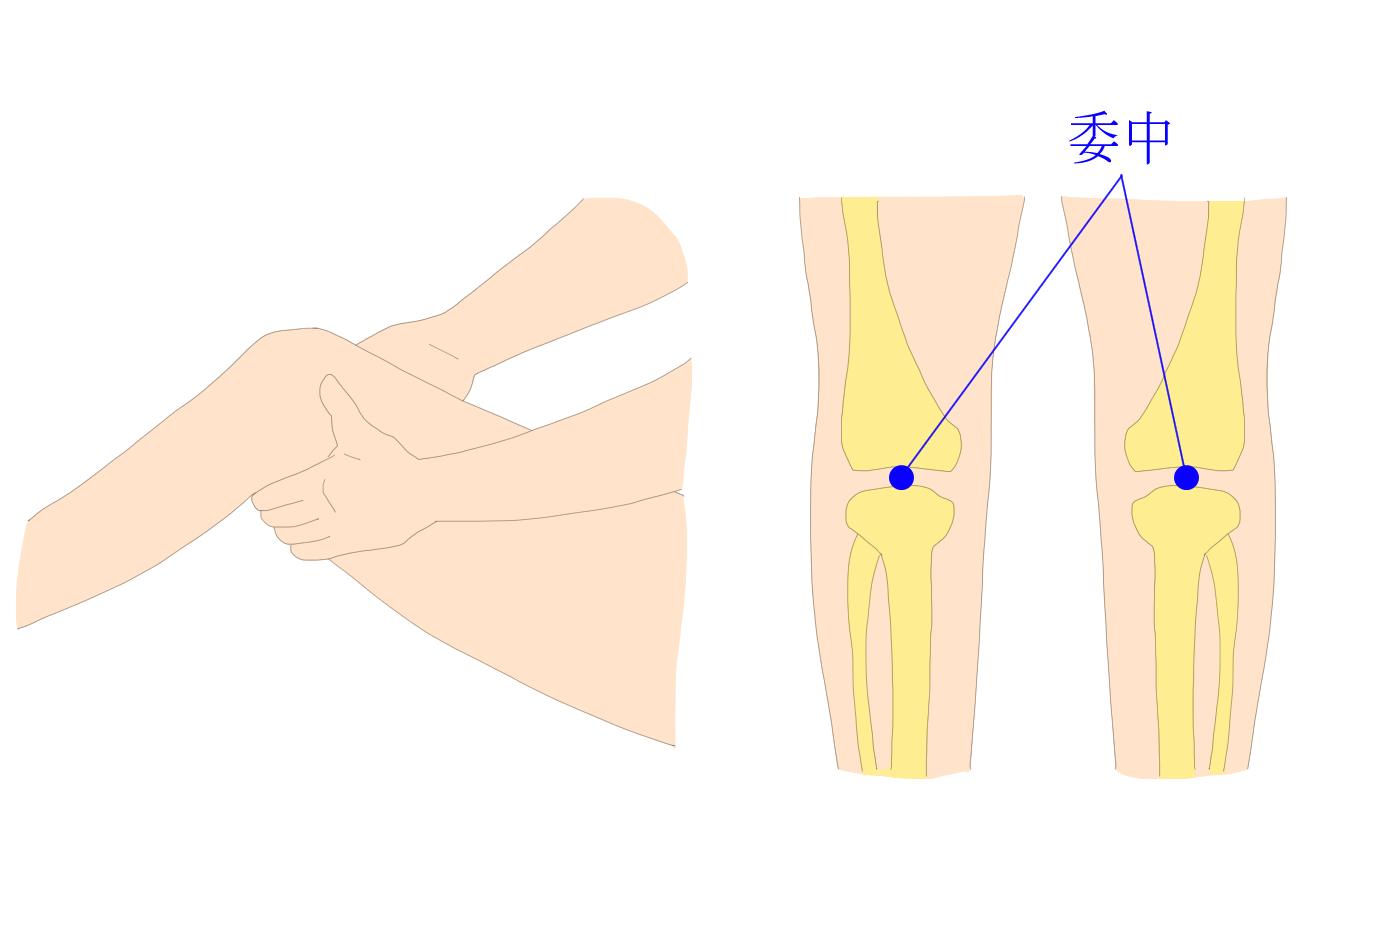 ツボ 膝 関節 痛 【股関節のツボ】痛みや違和感をセルフケアできるツボを徹底解説